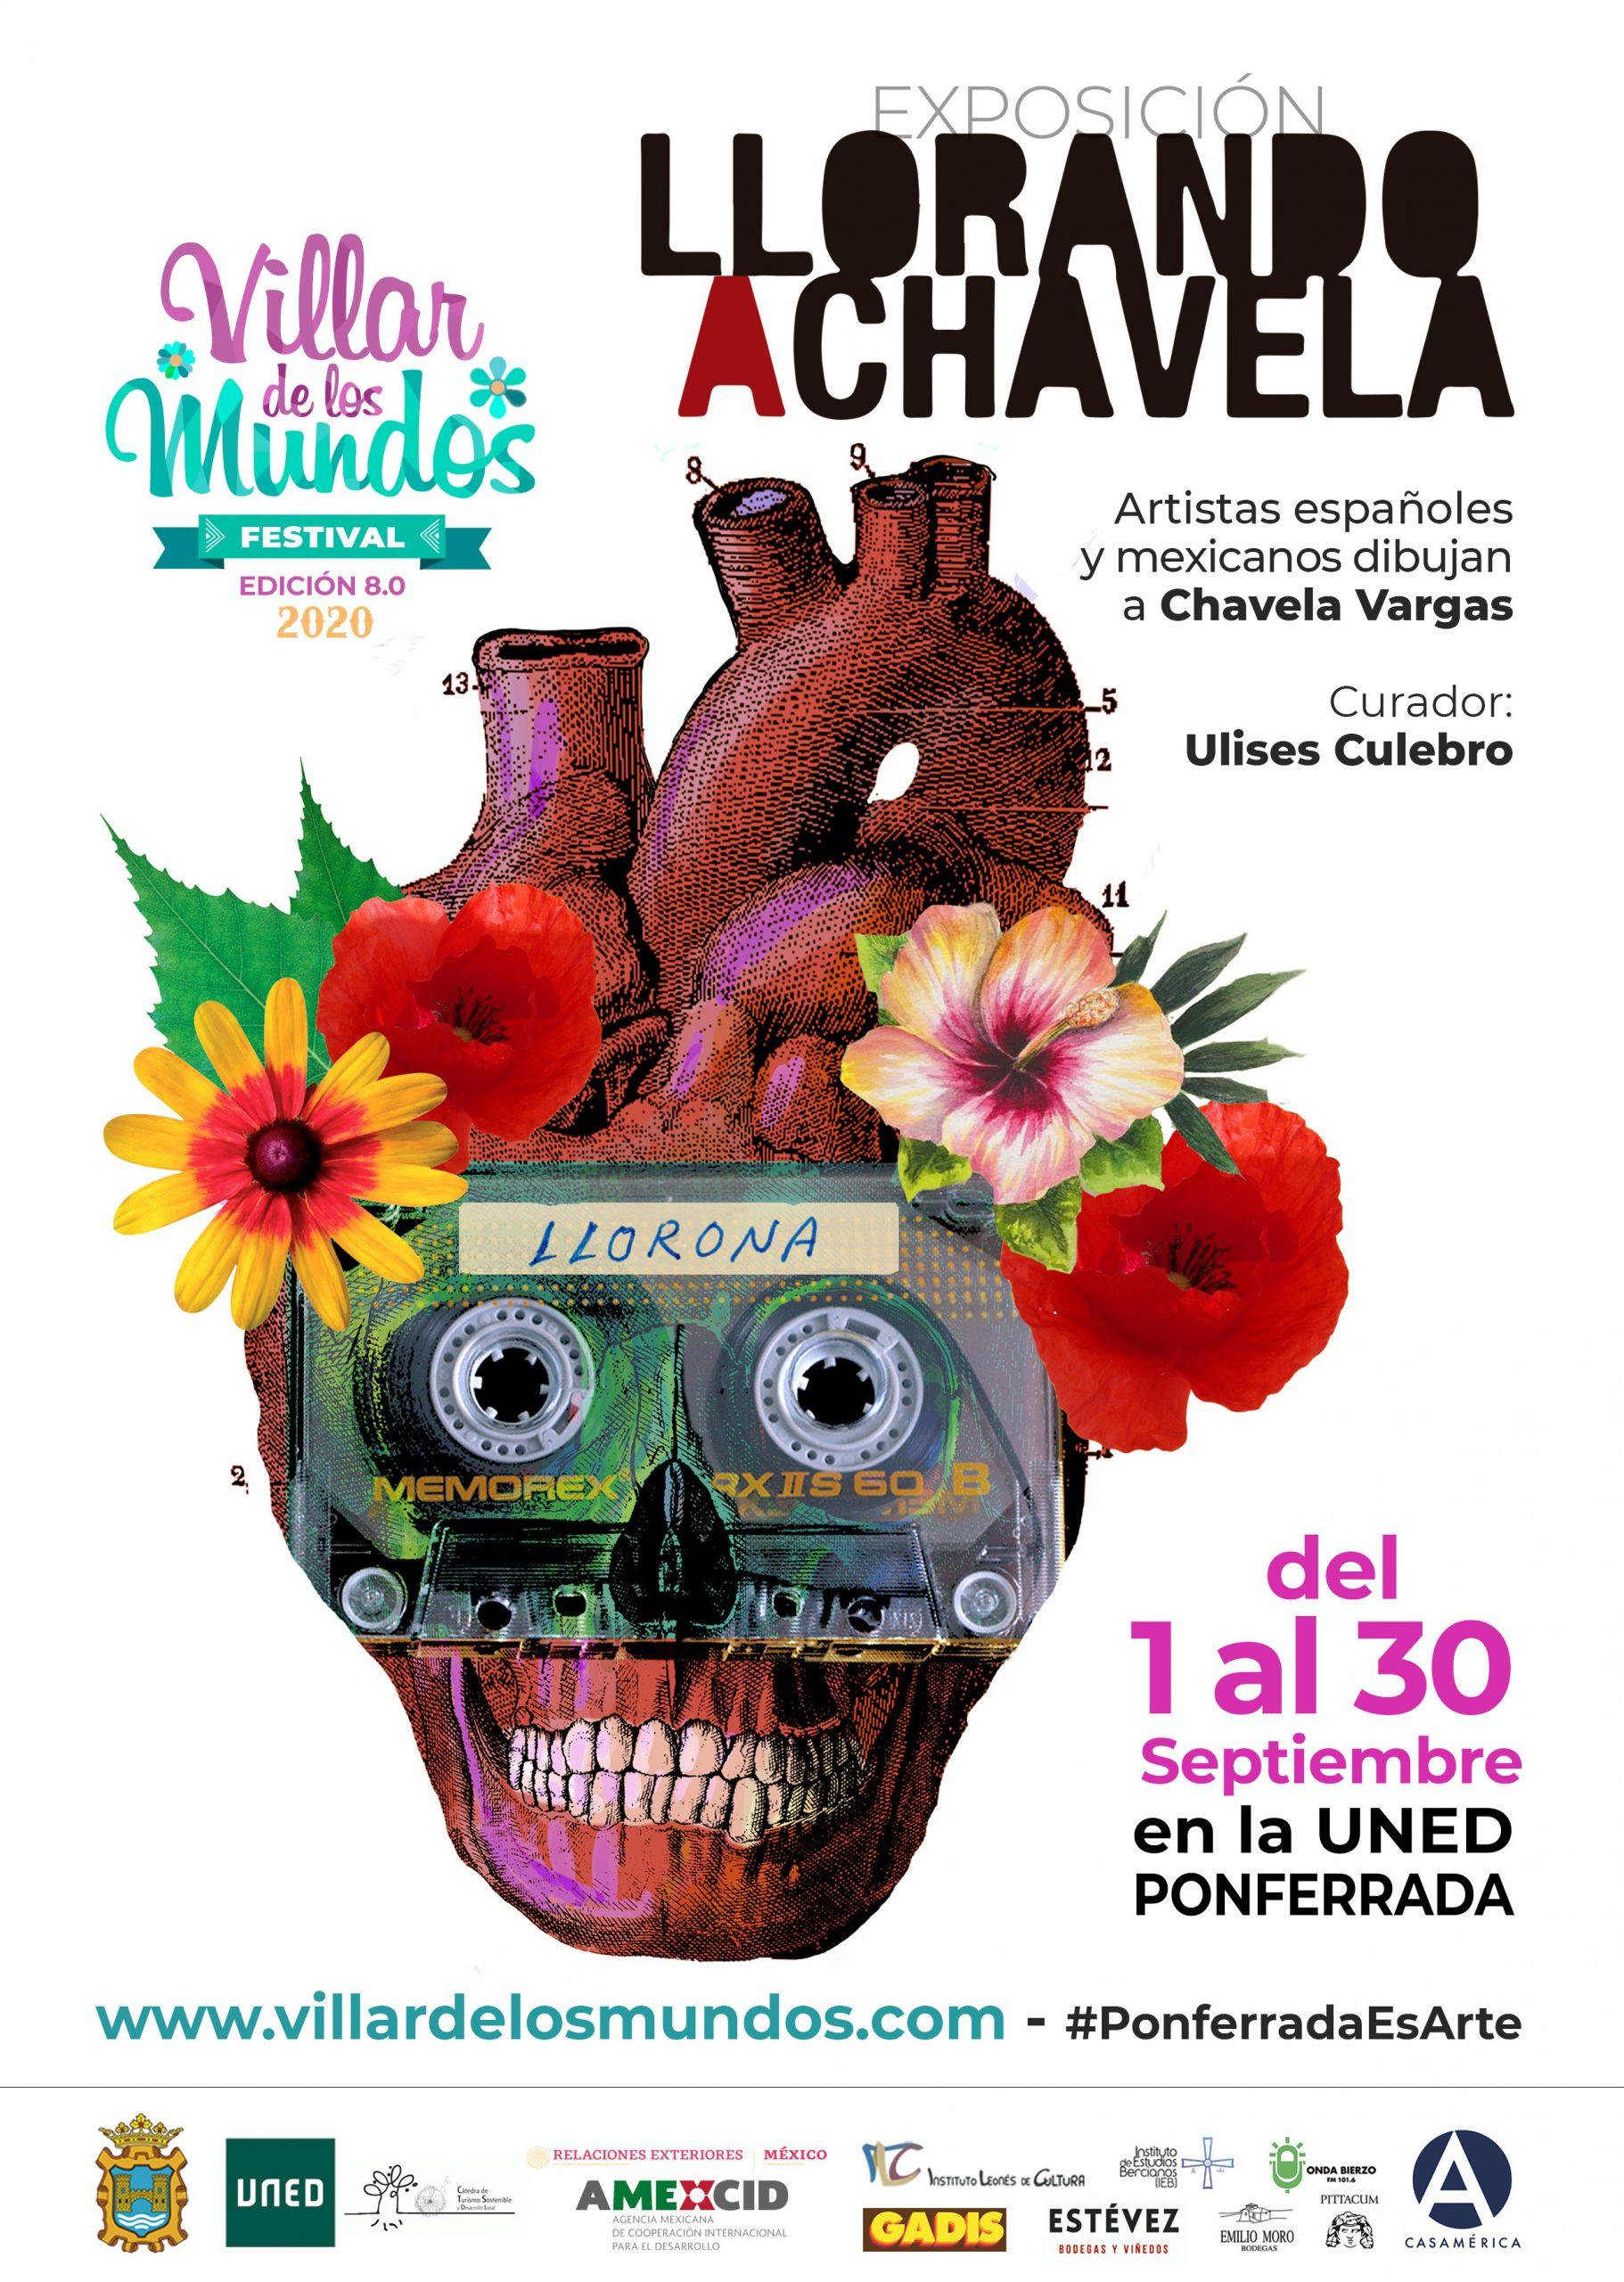 """Villar de los Mundos presenta la exposición """"llorando a Chavela"""" que podrás disfrutar durante septiembre en el edificio de la UNED 2"""